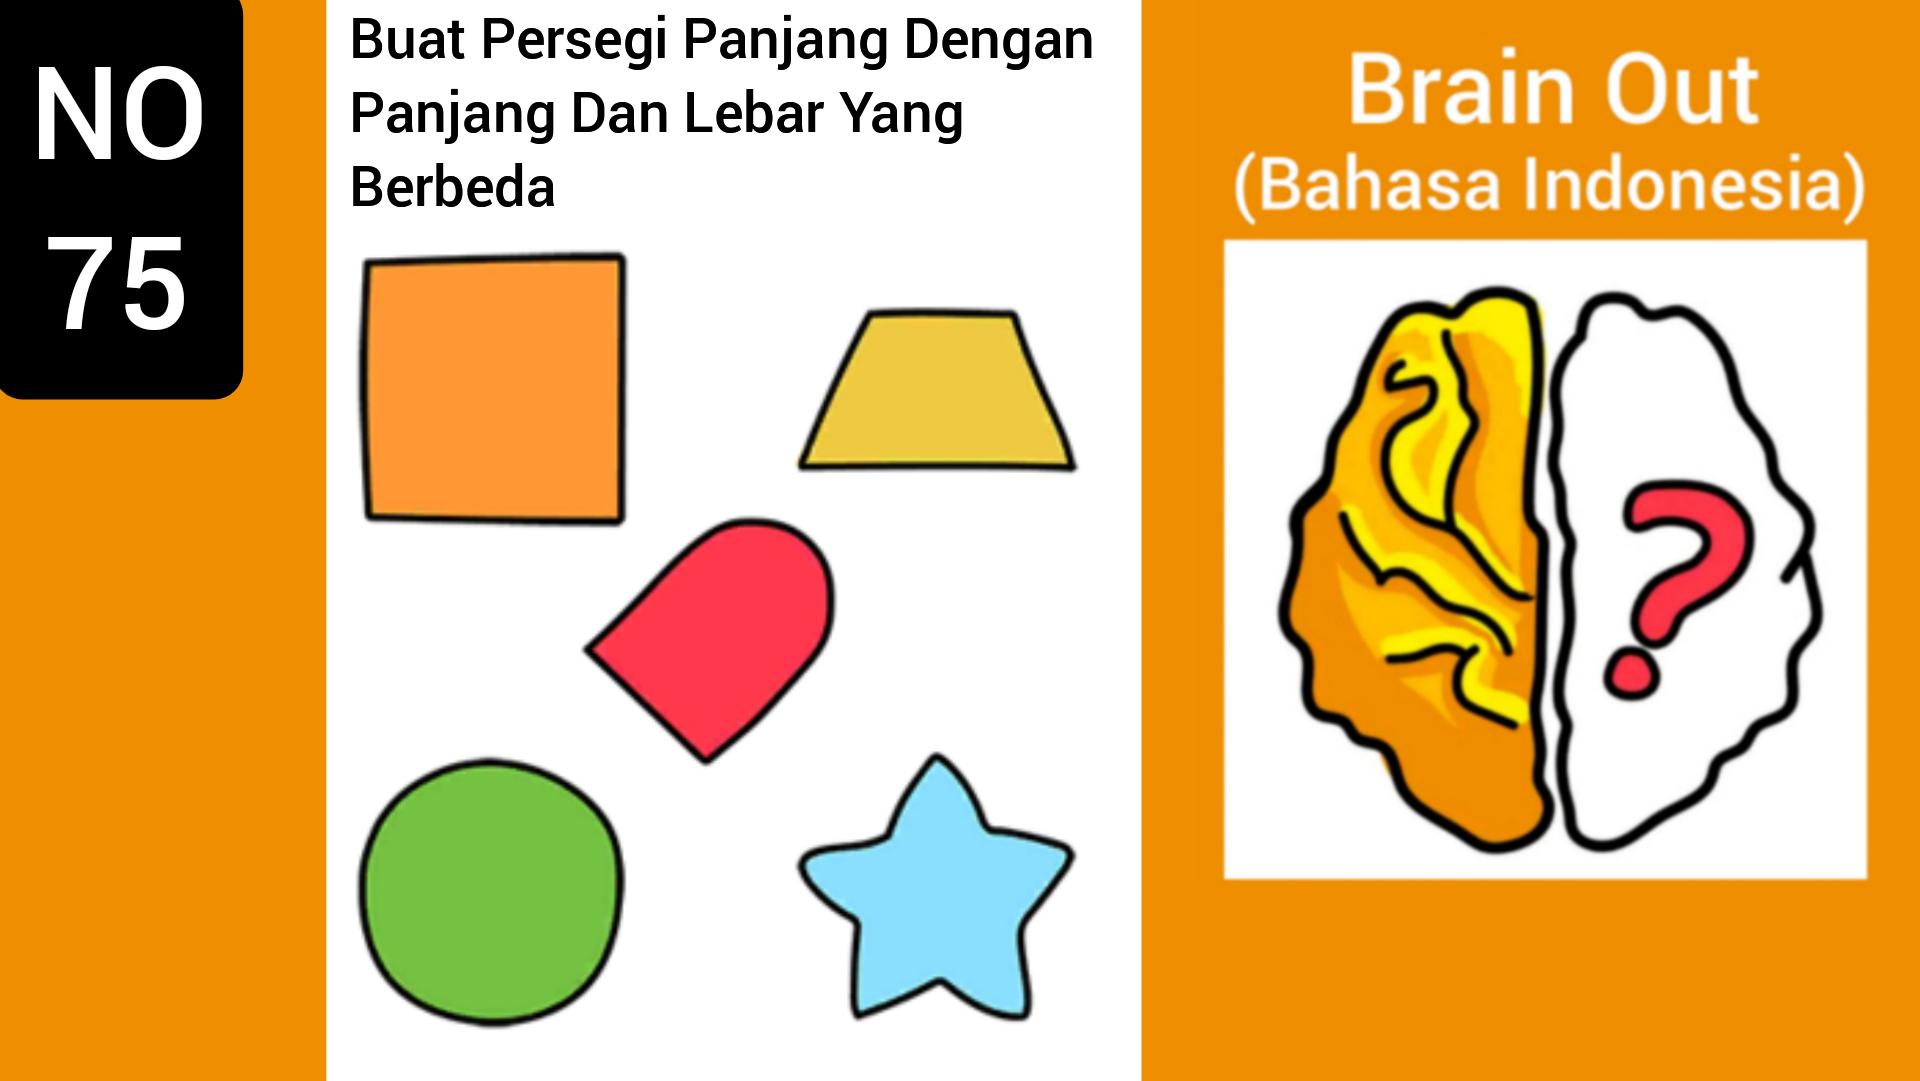 Brain Out Level 75 Buat Persegi Panjang Dengan Panjang Dan Lebar Yang Berbeda Terbaru 2020